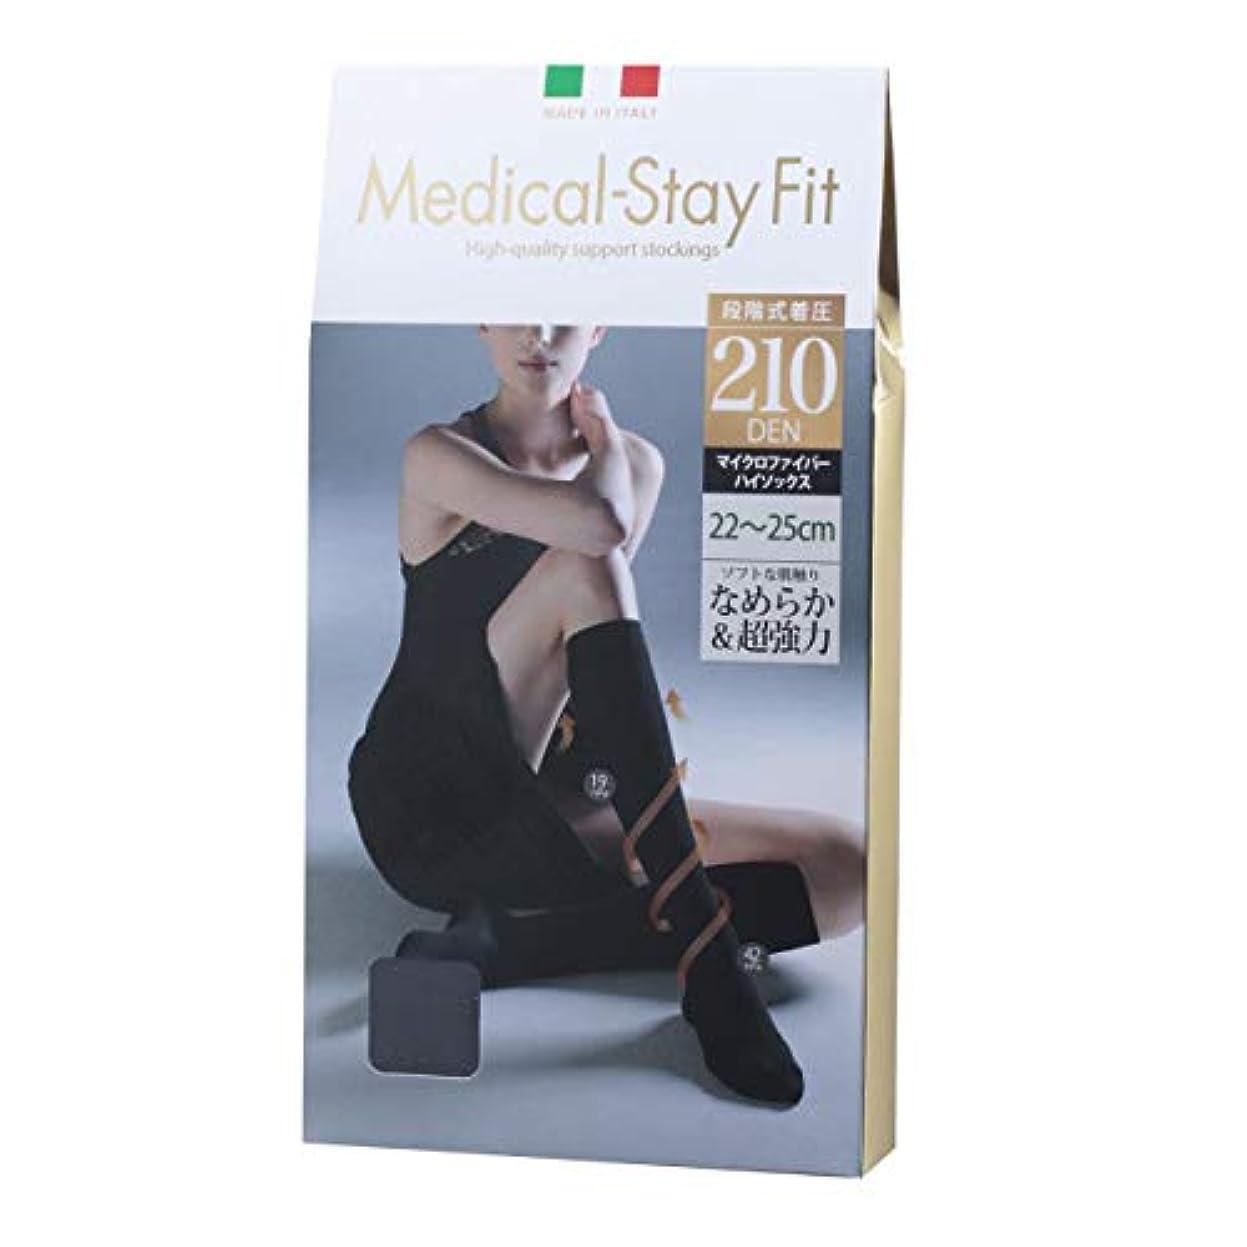 不十分な計算可能化粧【メディカル ステイフィット】着圧マイクロファイバーハイソックス 210デニール ブラック (22-25cm)イタリア製 Medical-Stay Fit